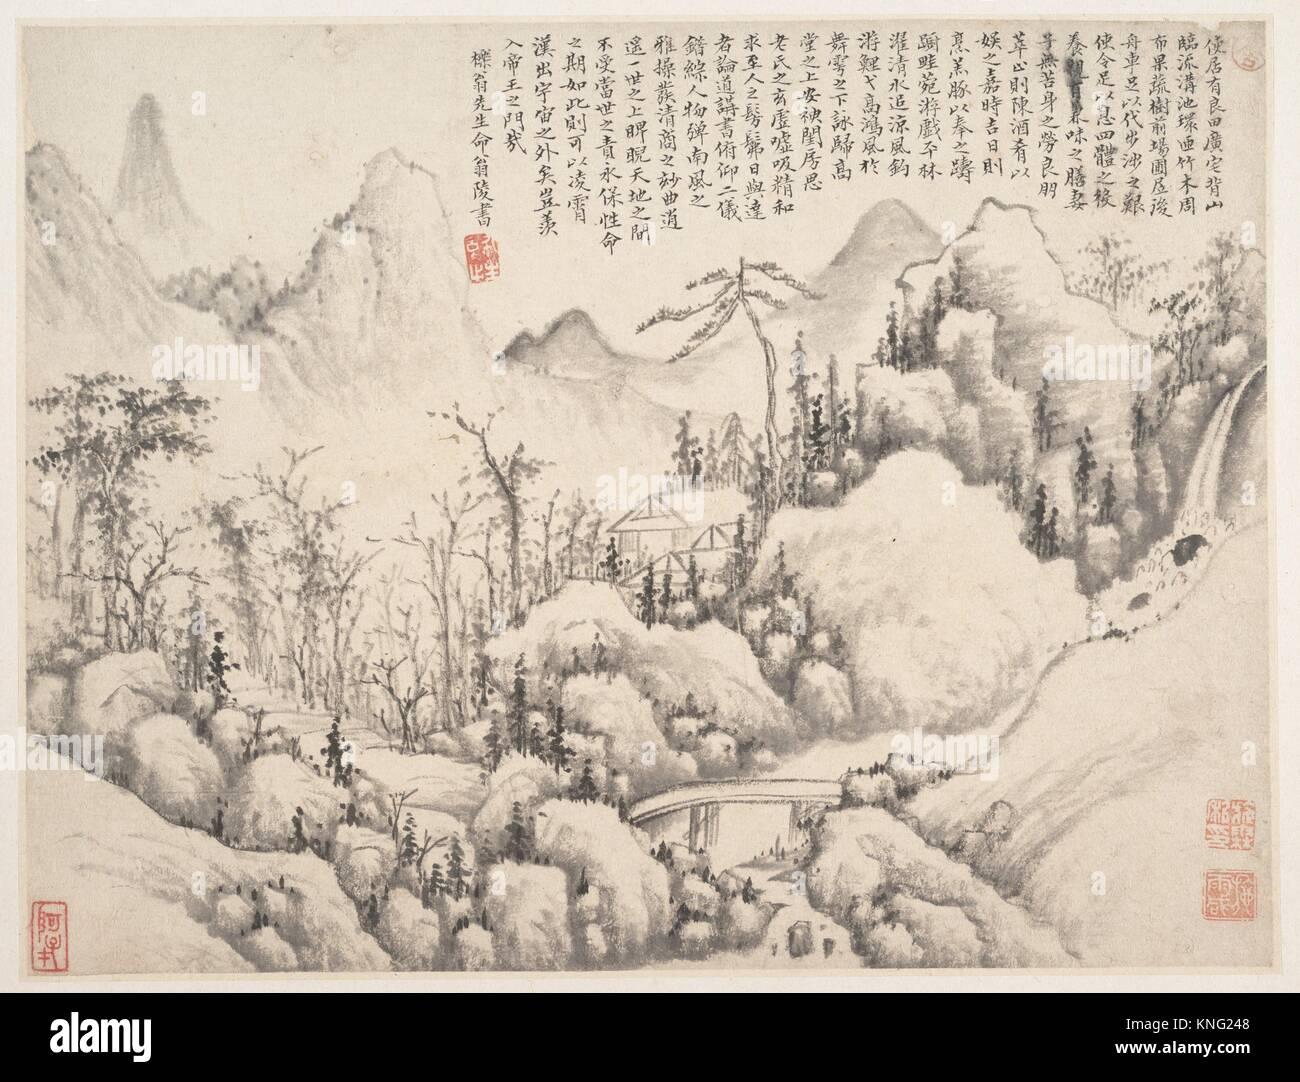 清 æ-½éœ- 山莊åœ- 冊頁/Mountain Retreat. Artist: - Stock Image